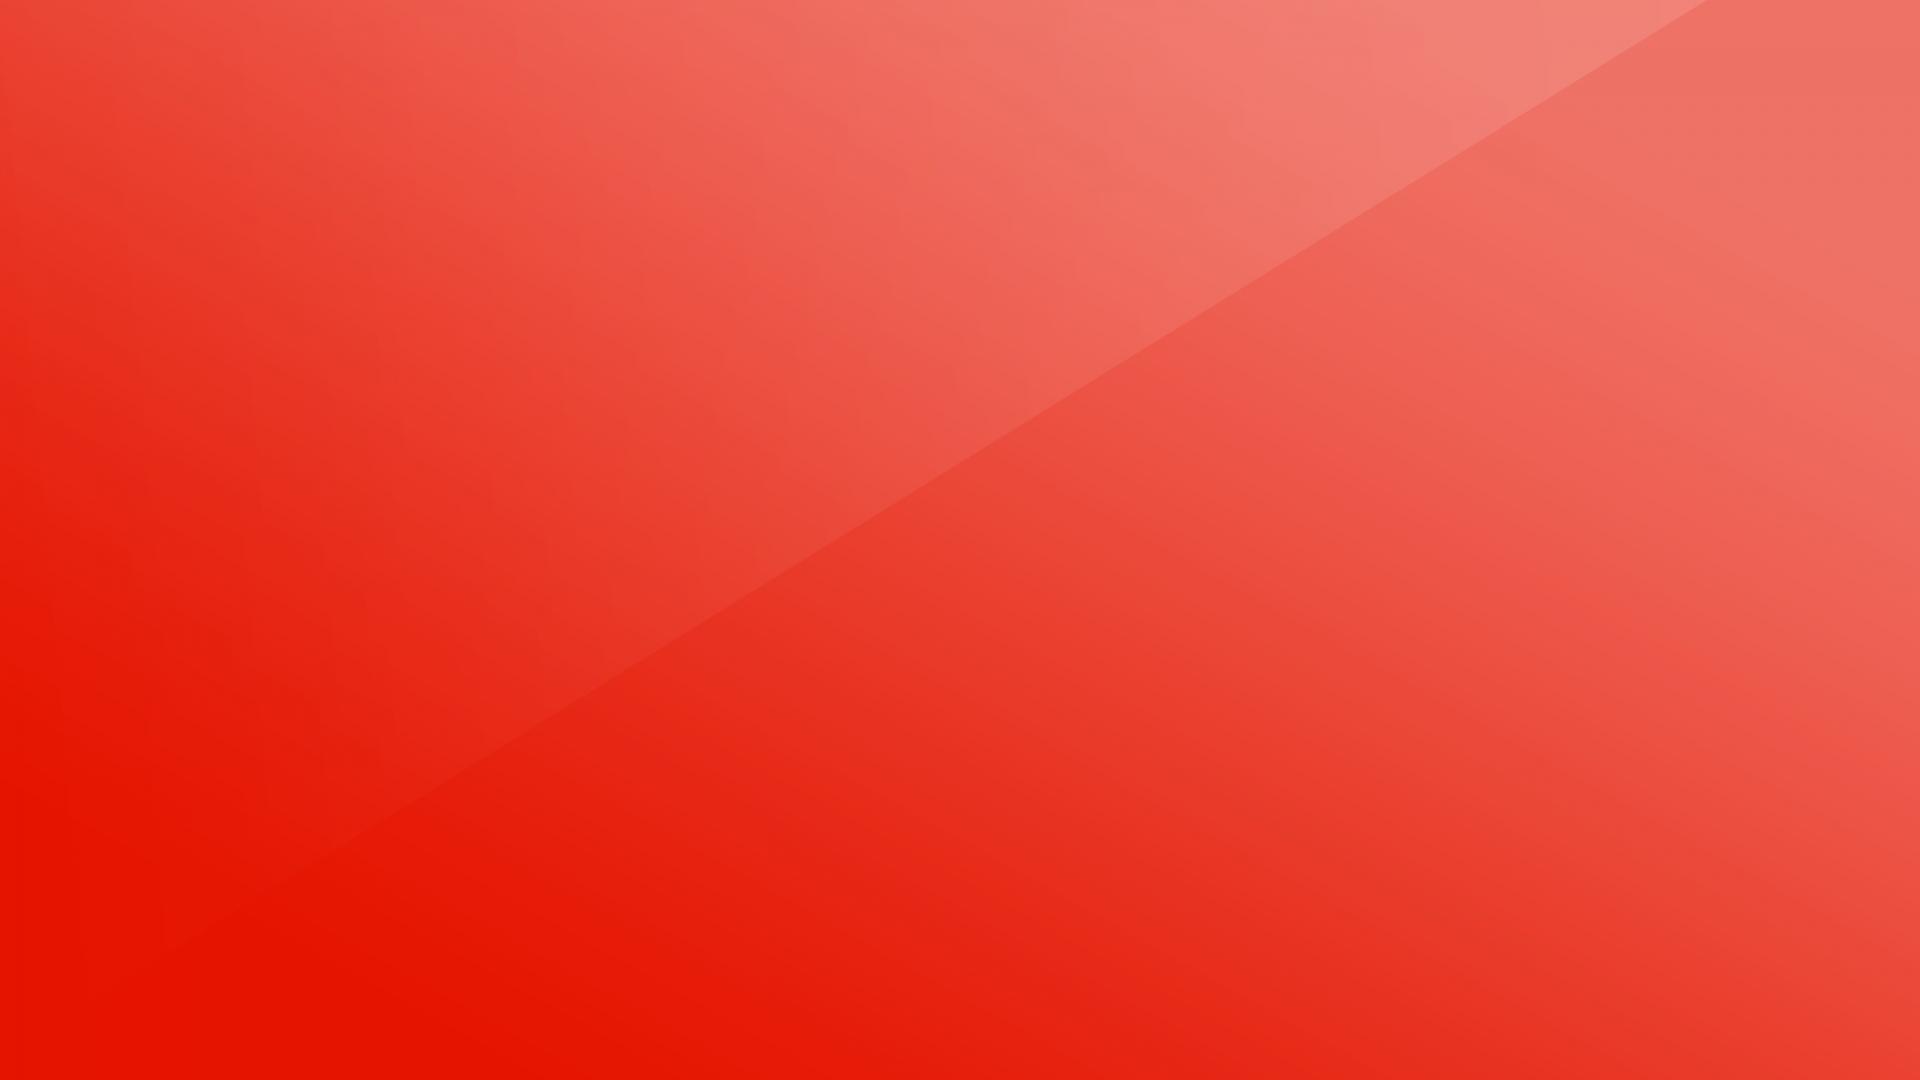 Fondo rojo - 1920x1080